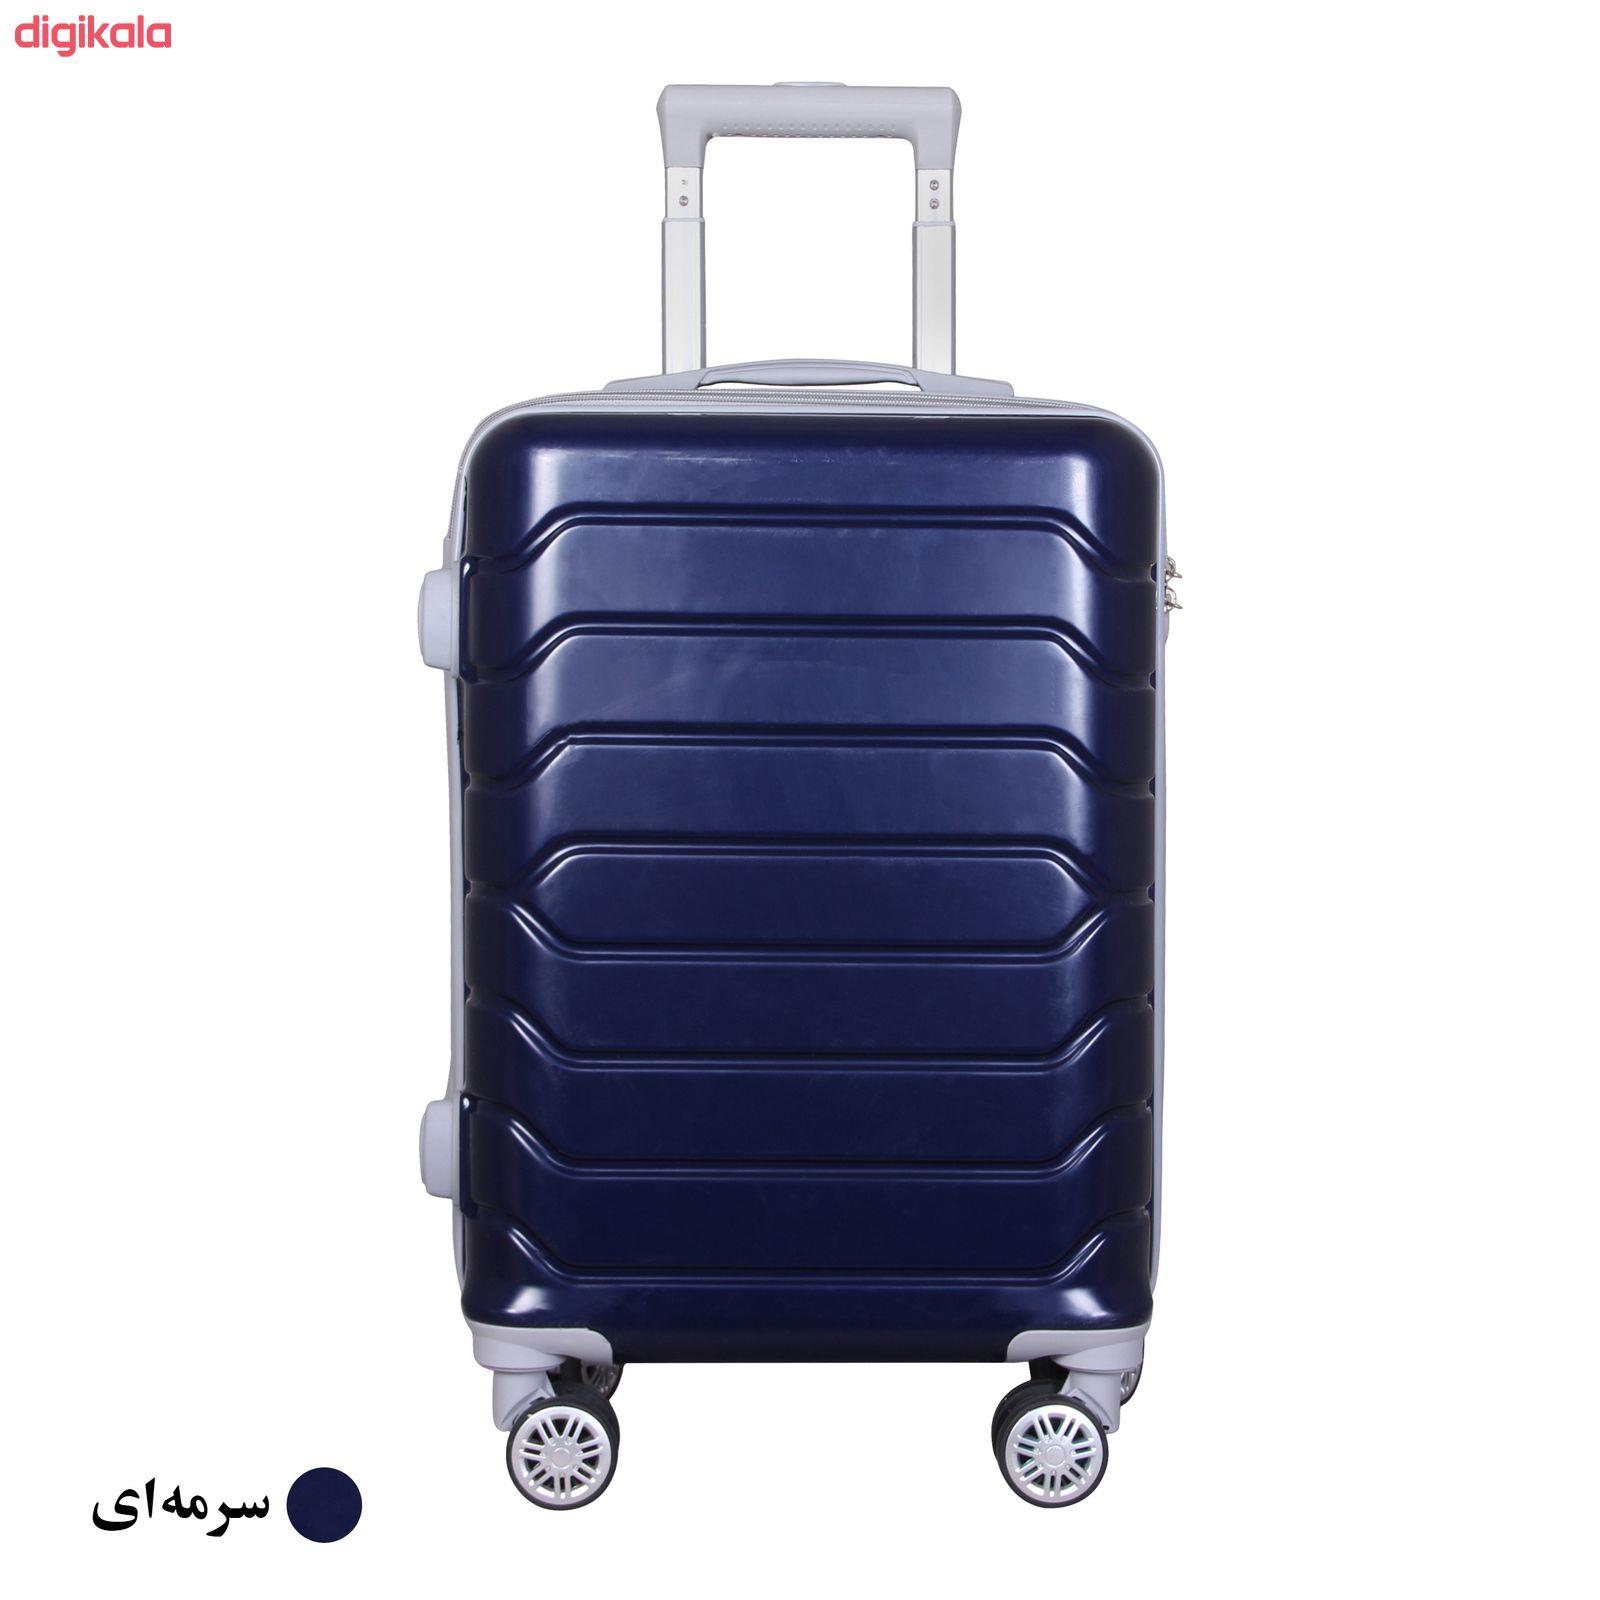 مجموعه سه عددی چمدان مدل 10021 main 1 14